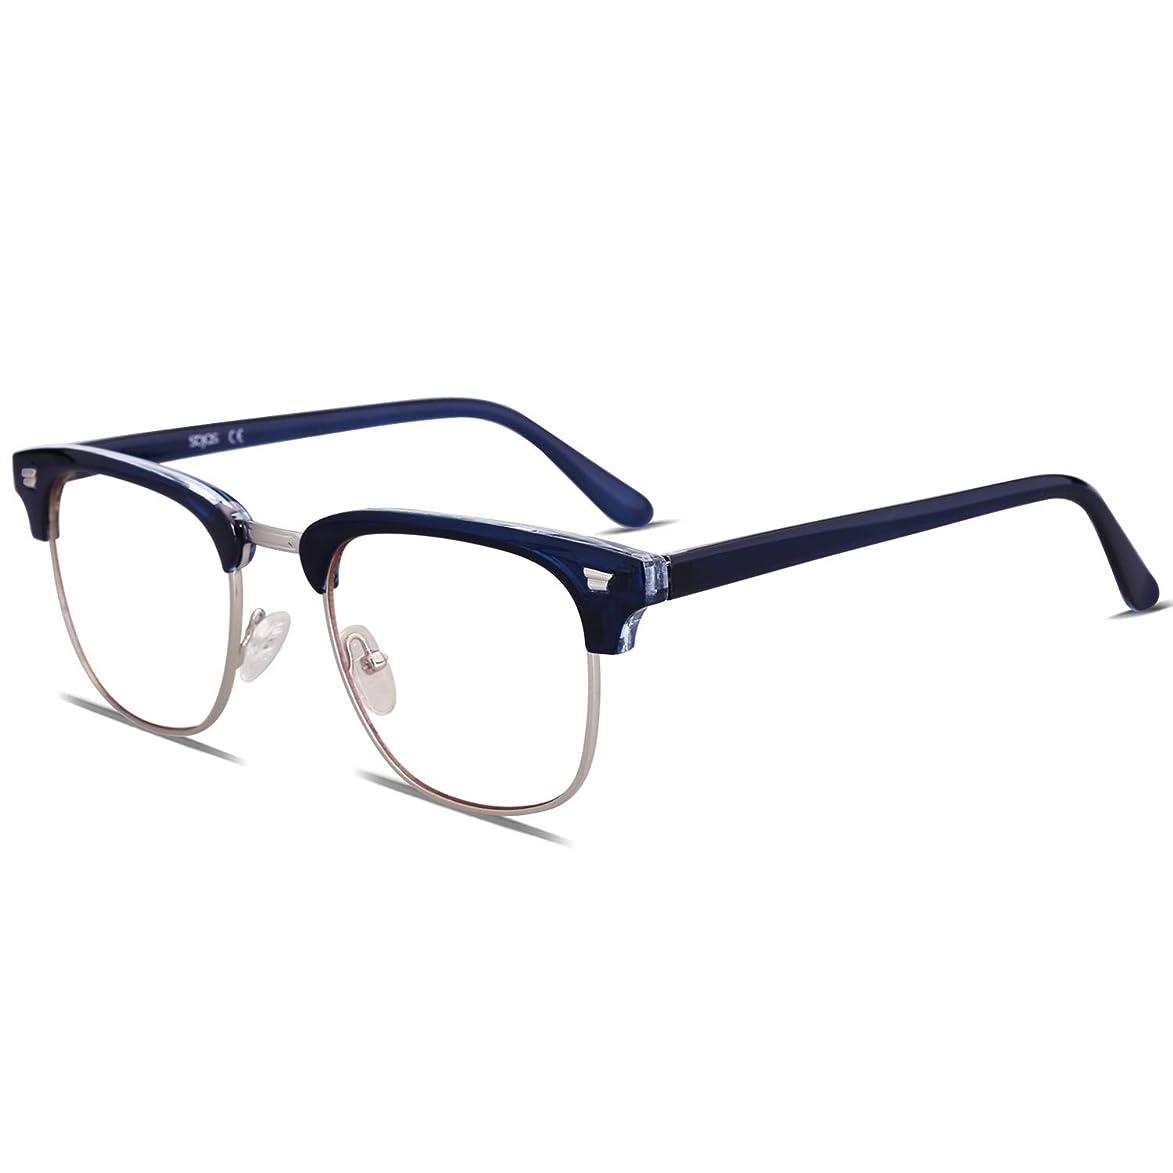 SOJOS Blue Light Blocking Computer Glasses Anti Ray Sleep Better for Women Men Twilight with Dark Blue Frame/Anti-blue Light Lens